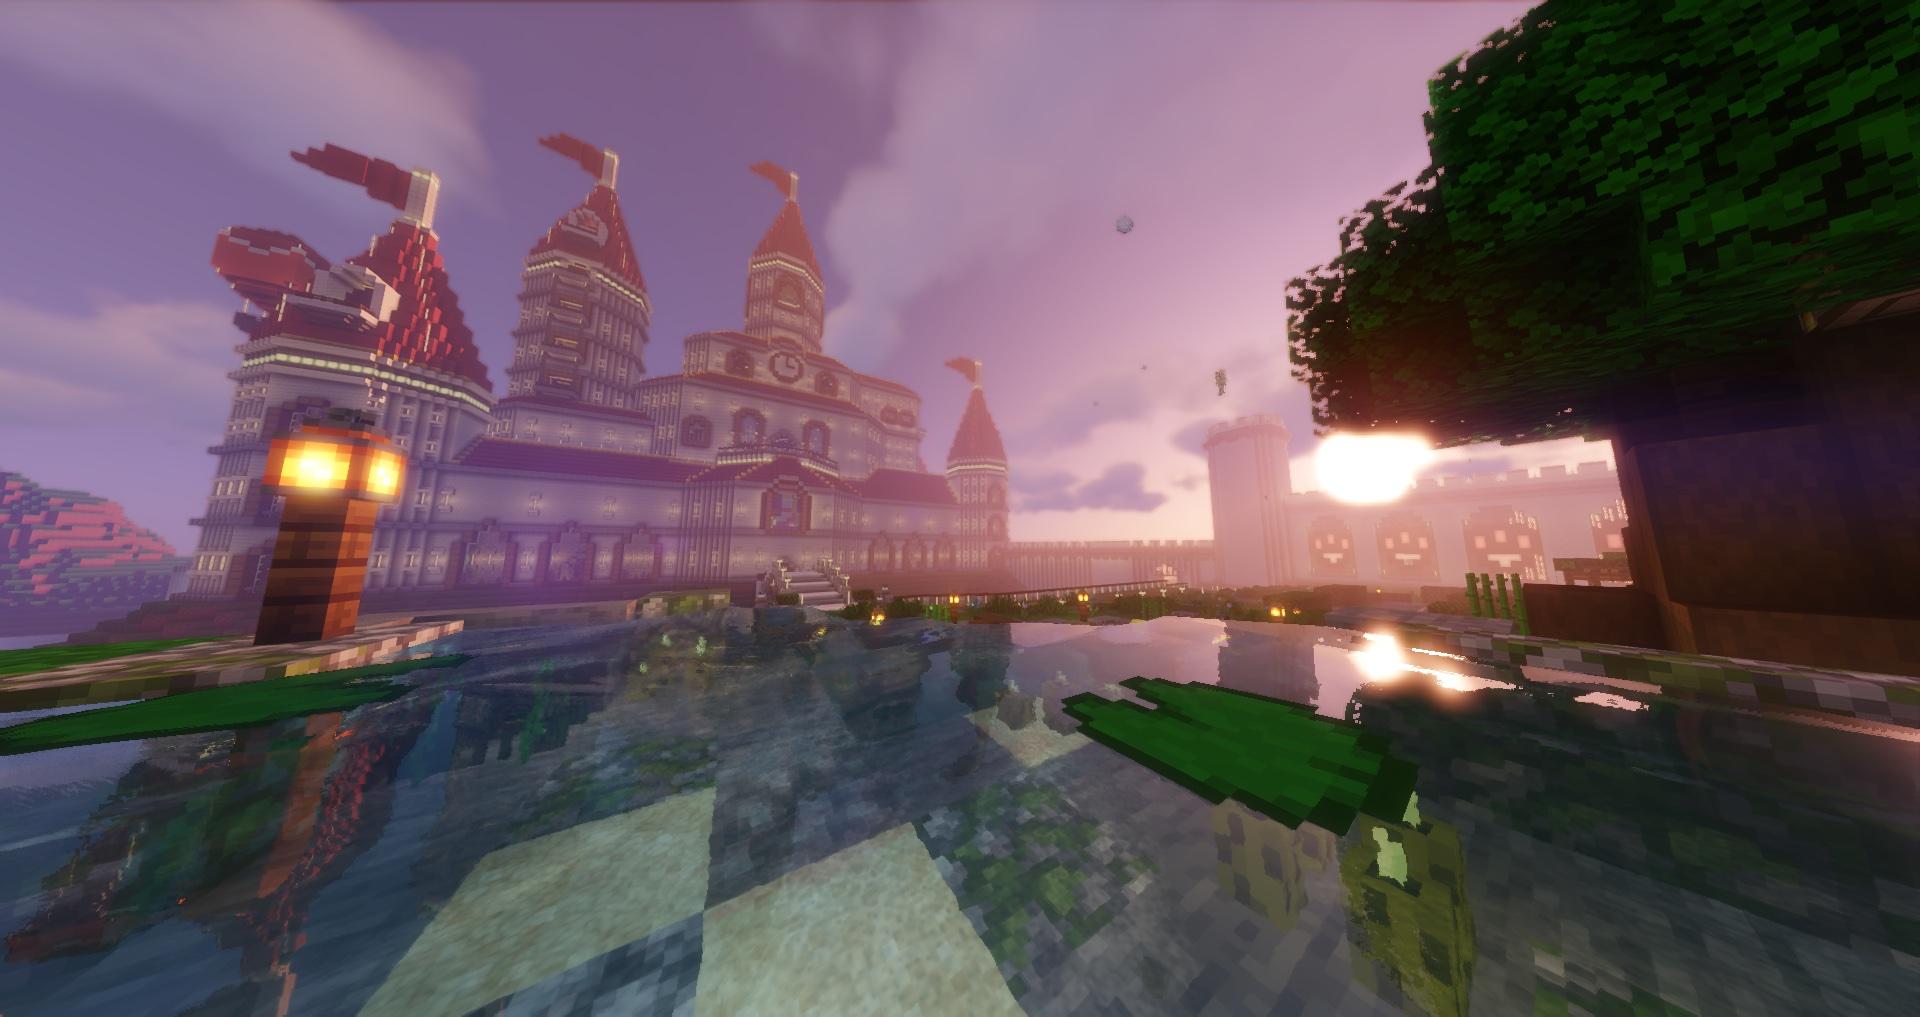 Peach's Castle Minecraft Pic